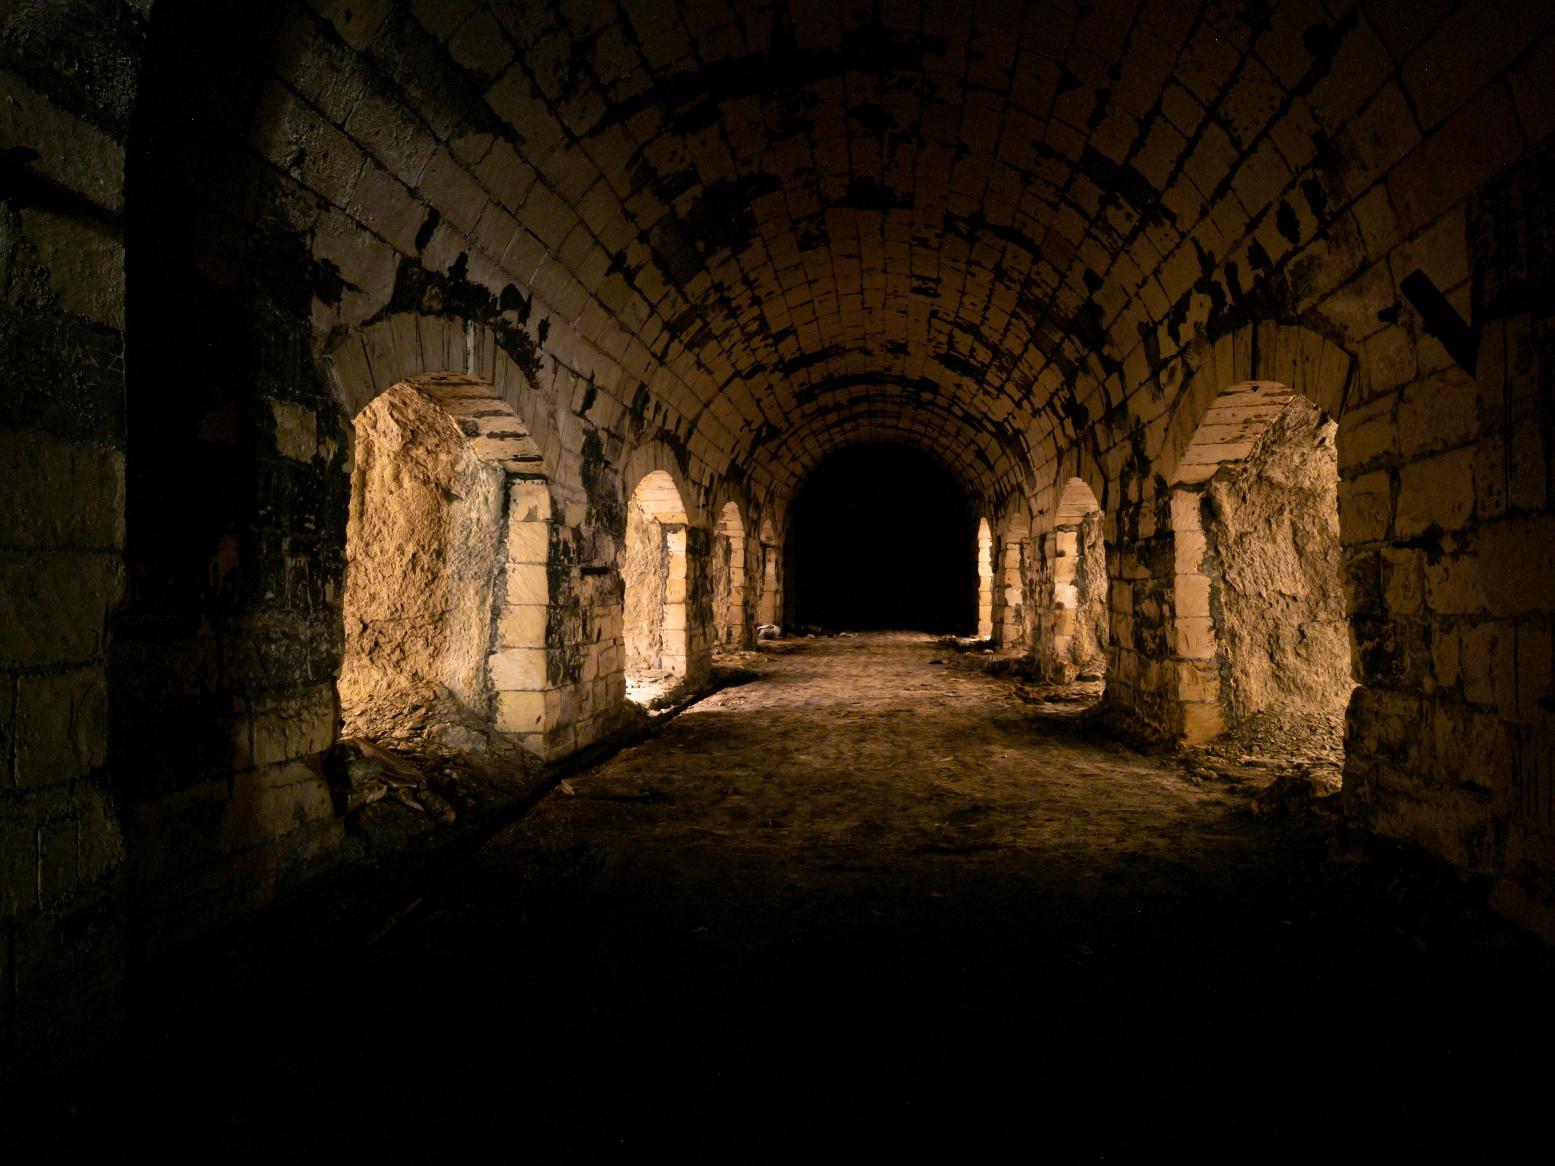 Eisenbahntunnel/Luftschutz/Champignon Zucht